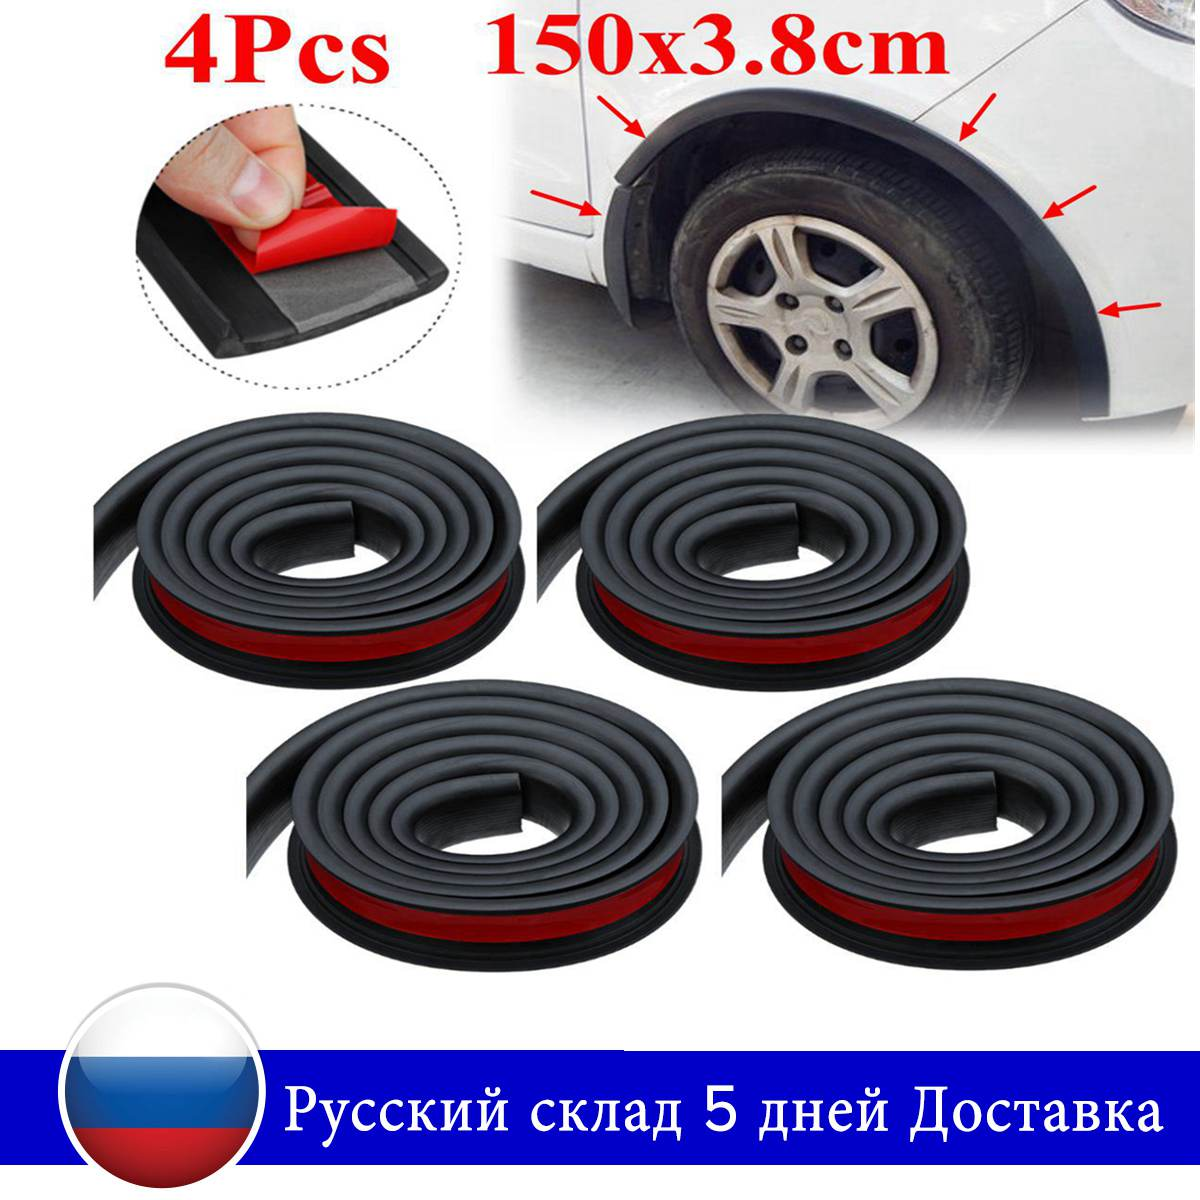 Универсальная пара Резиновых автомобильных брызговиков 1 5 м x 3 8 см защита от